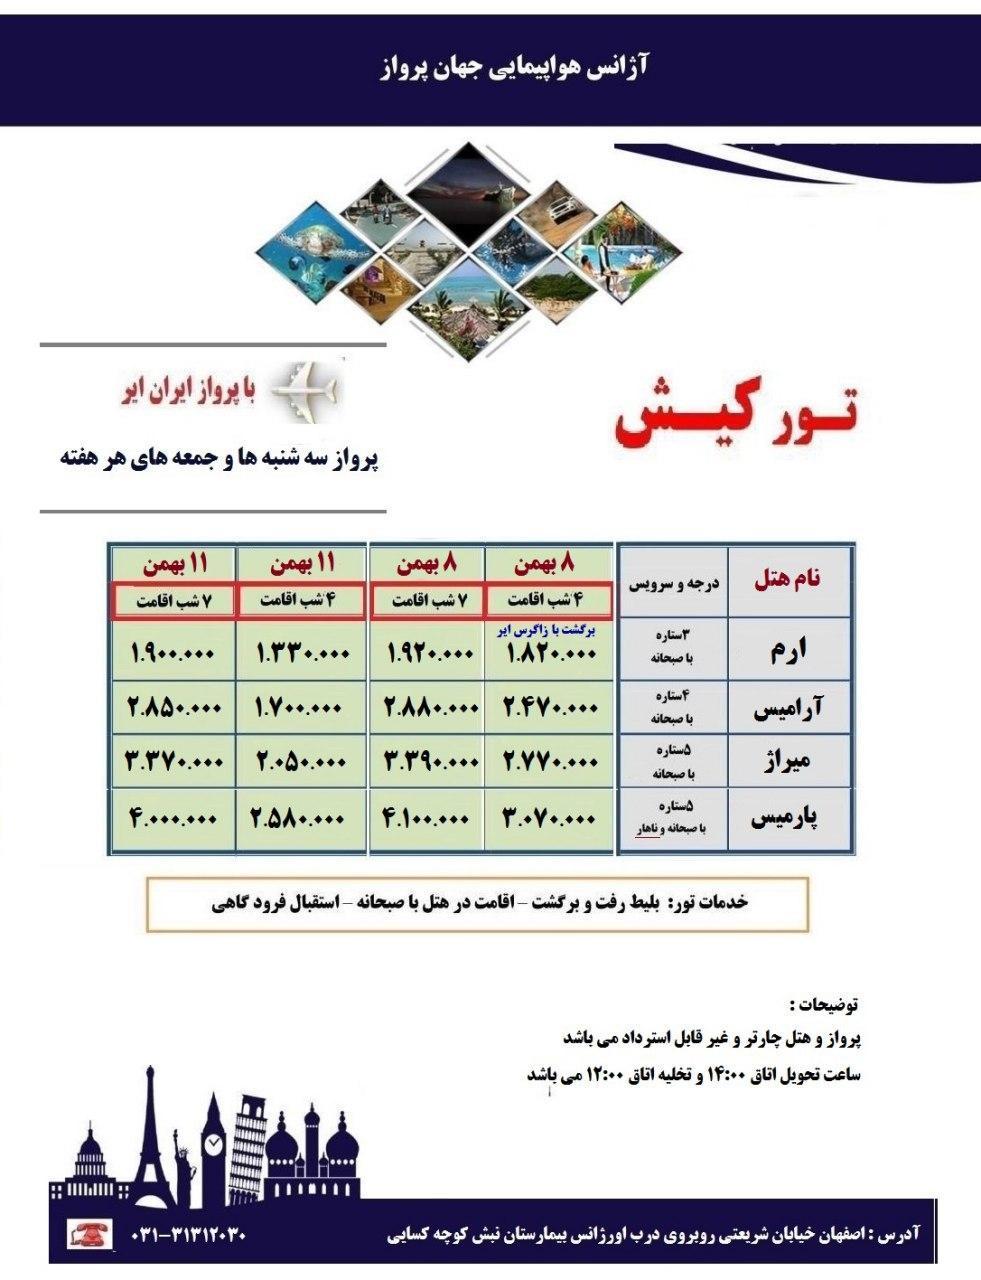 تور جزیره کیش با پرواز ایران ایر از اصفهان ویژه بهمن 98